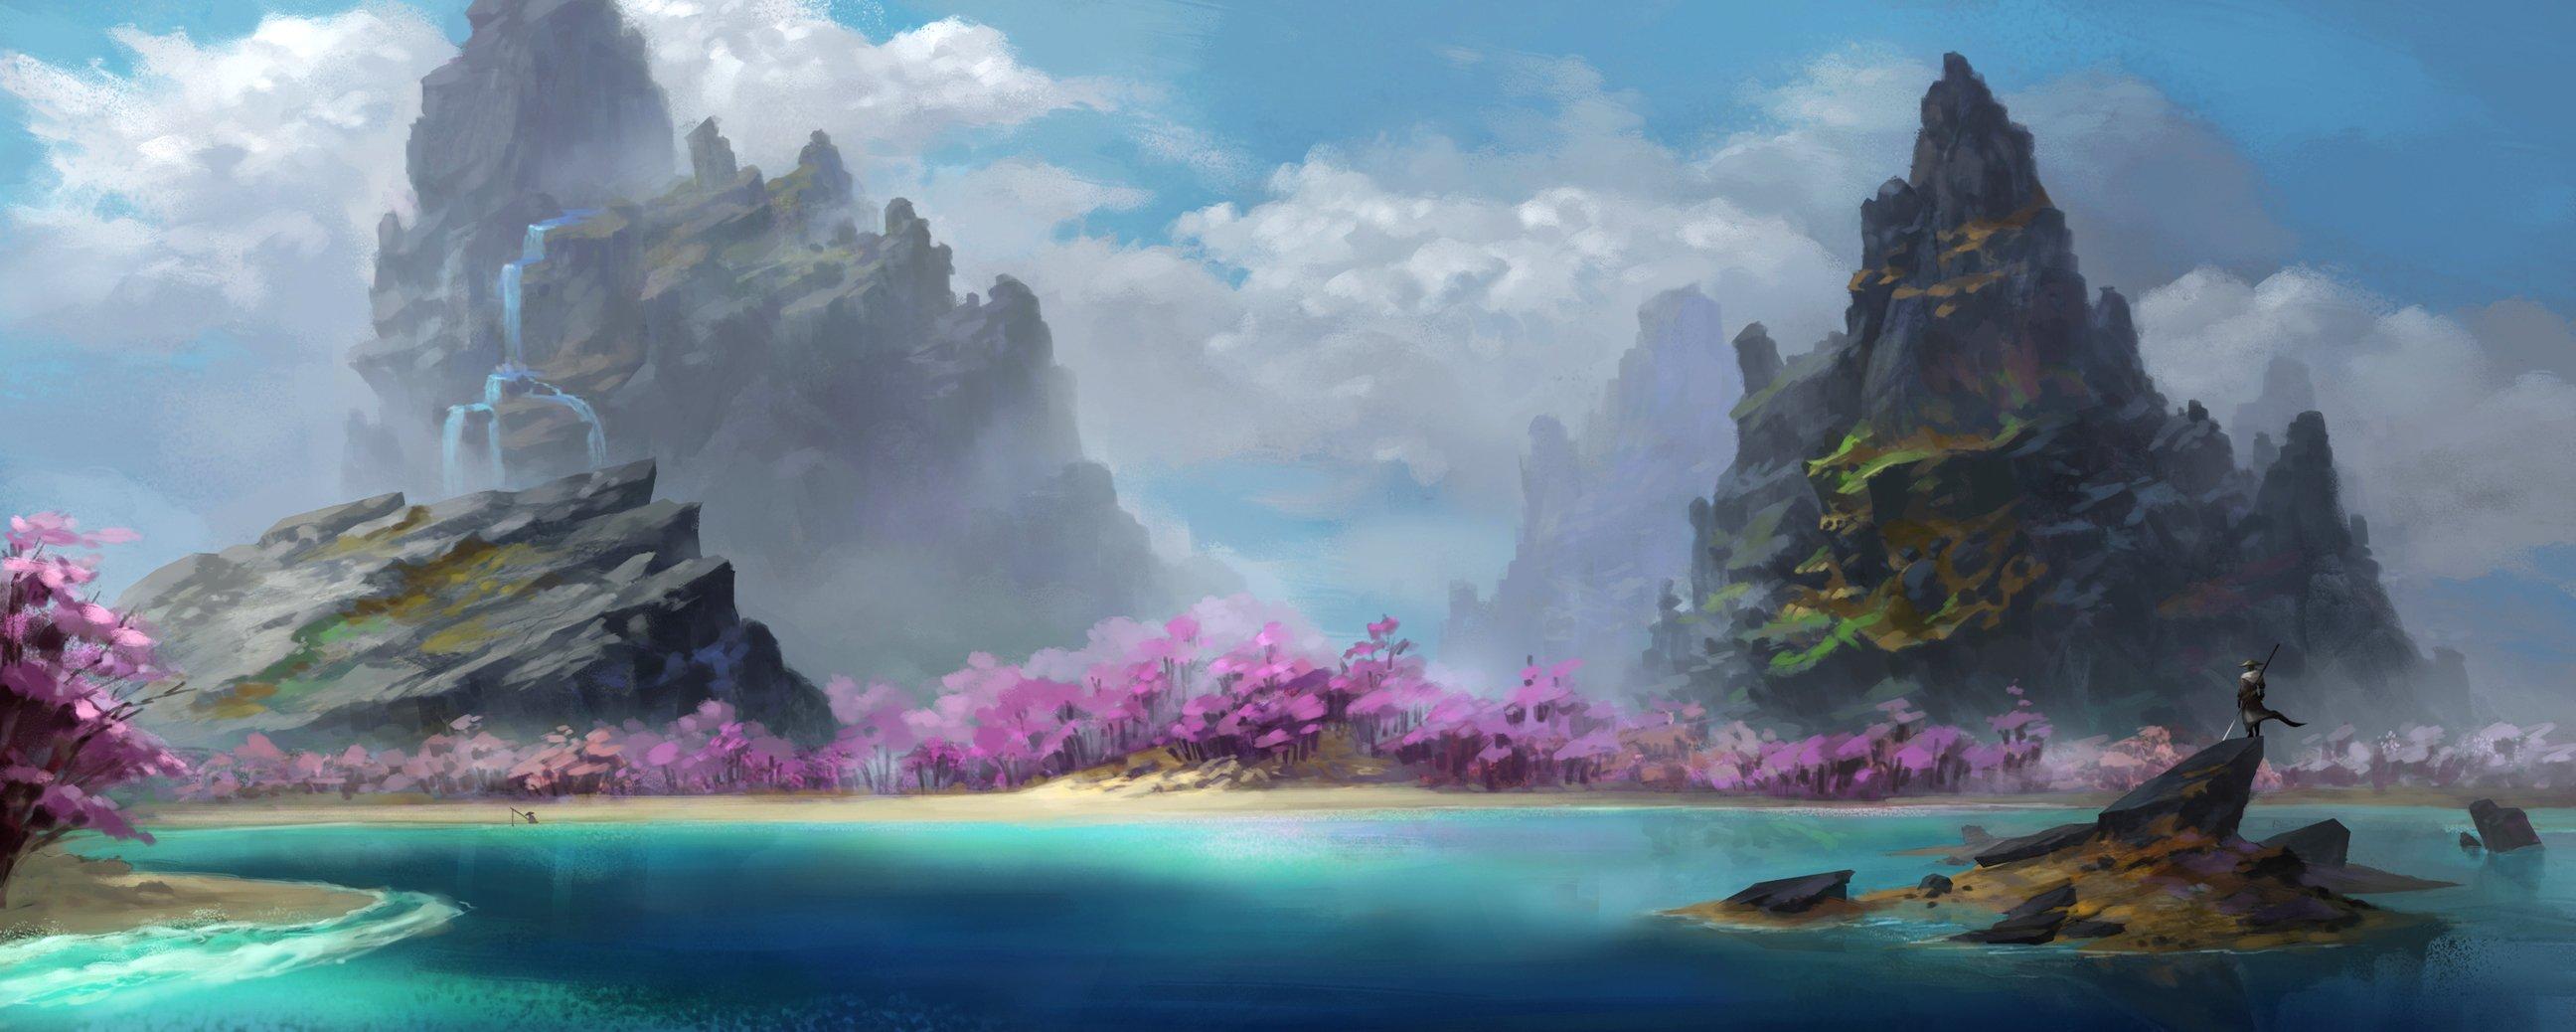 Легенды Кунг Фу - Остров персиков - Изображение 1